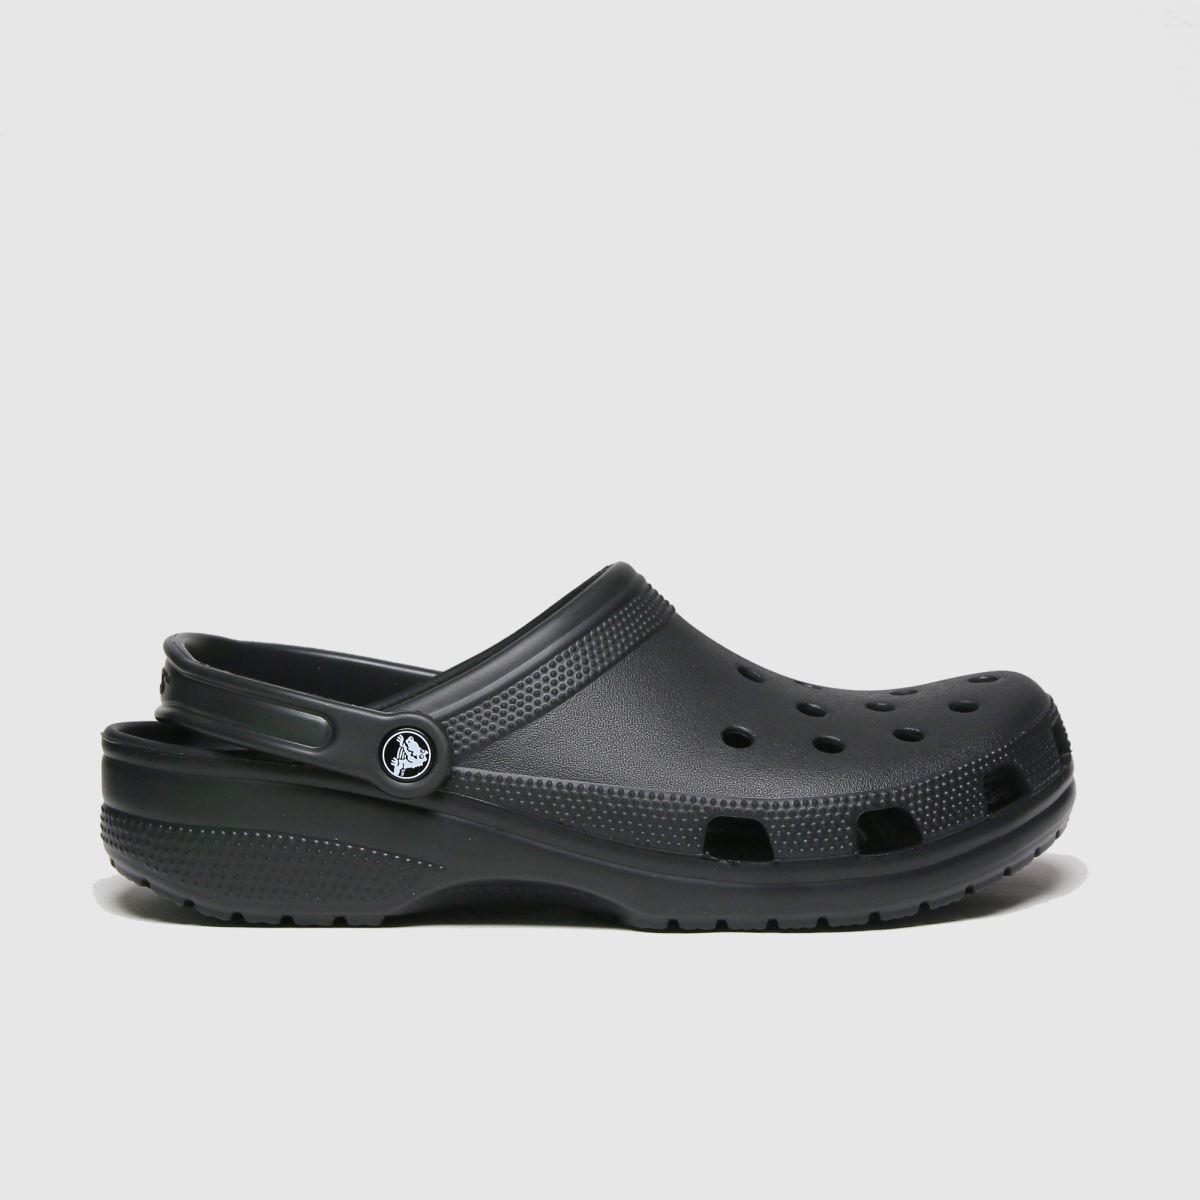 Crocs Crocs Black Classic Sandals